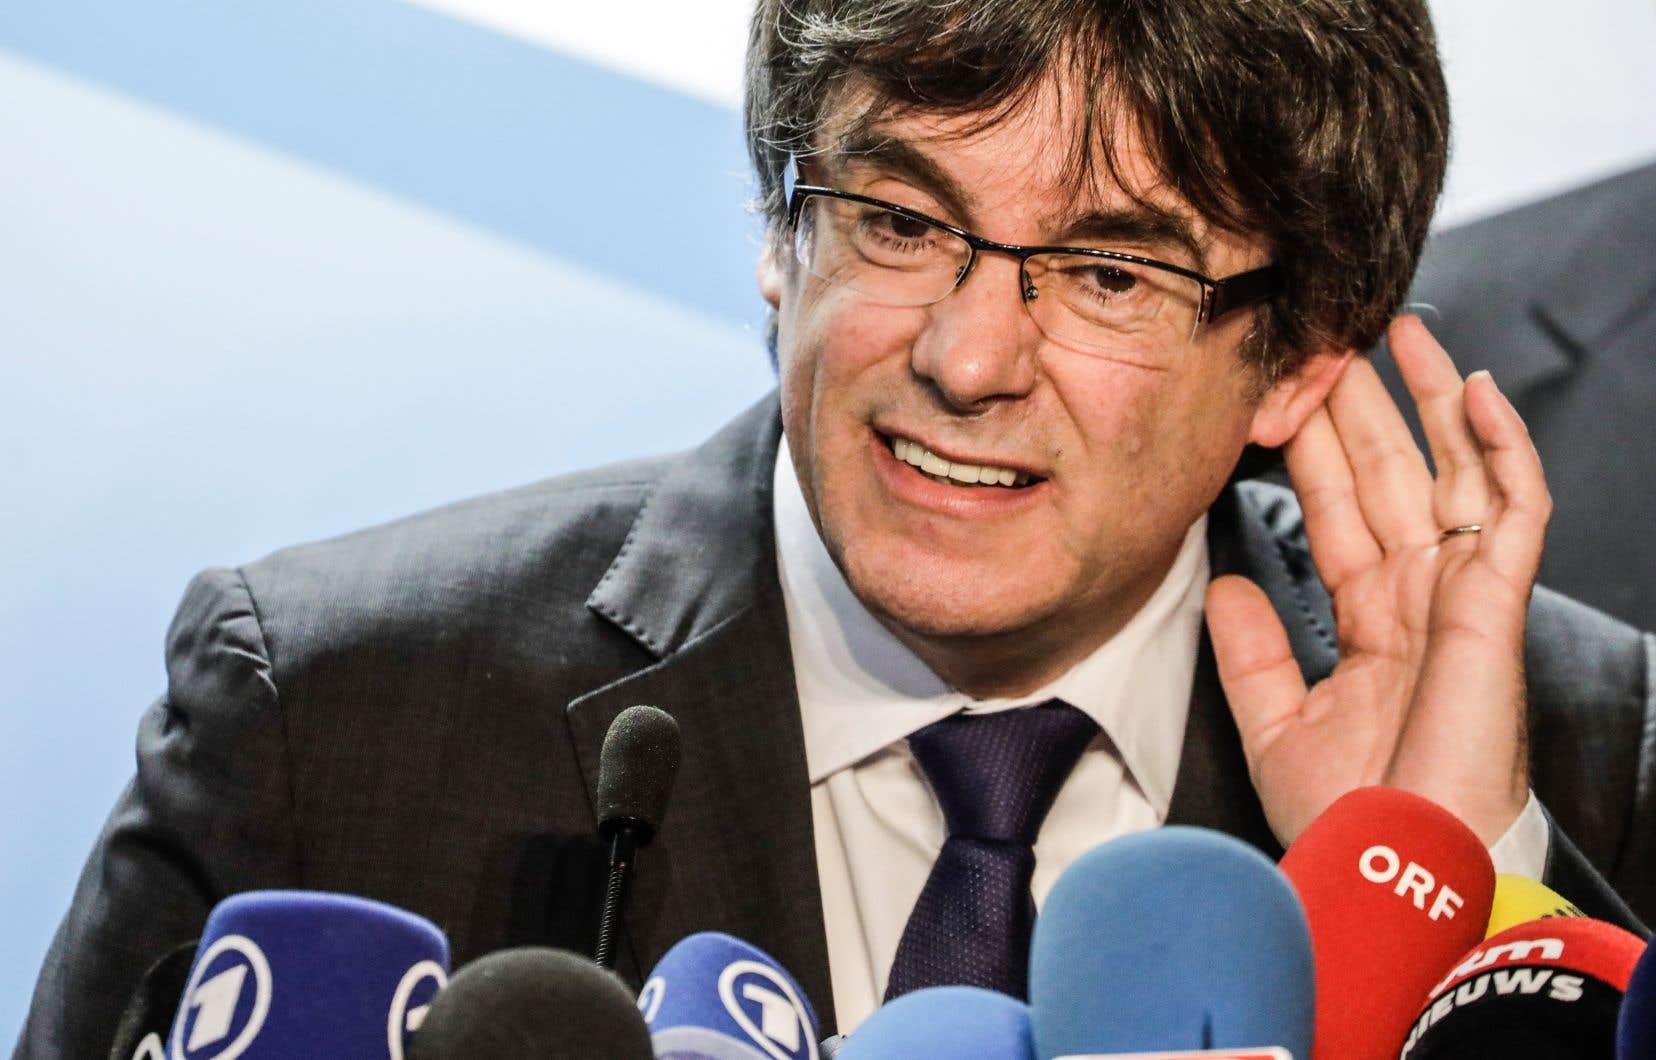 L'indépendantiste catalan Carles Puigdemont lors d'une conférence de presse à Bruxelles, le 22 décembre dernier.